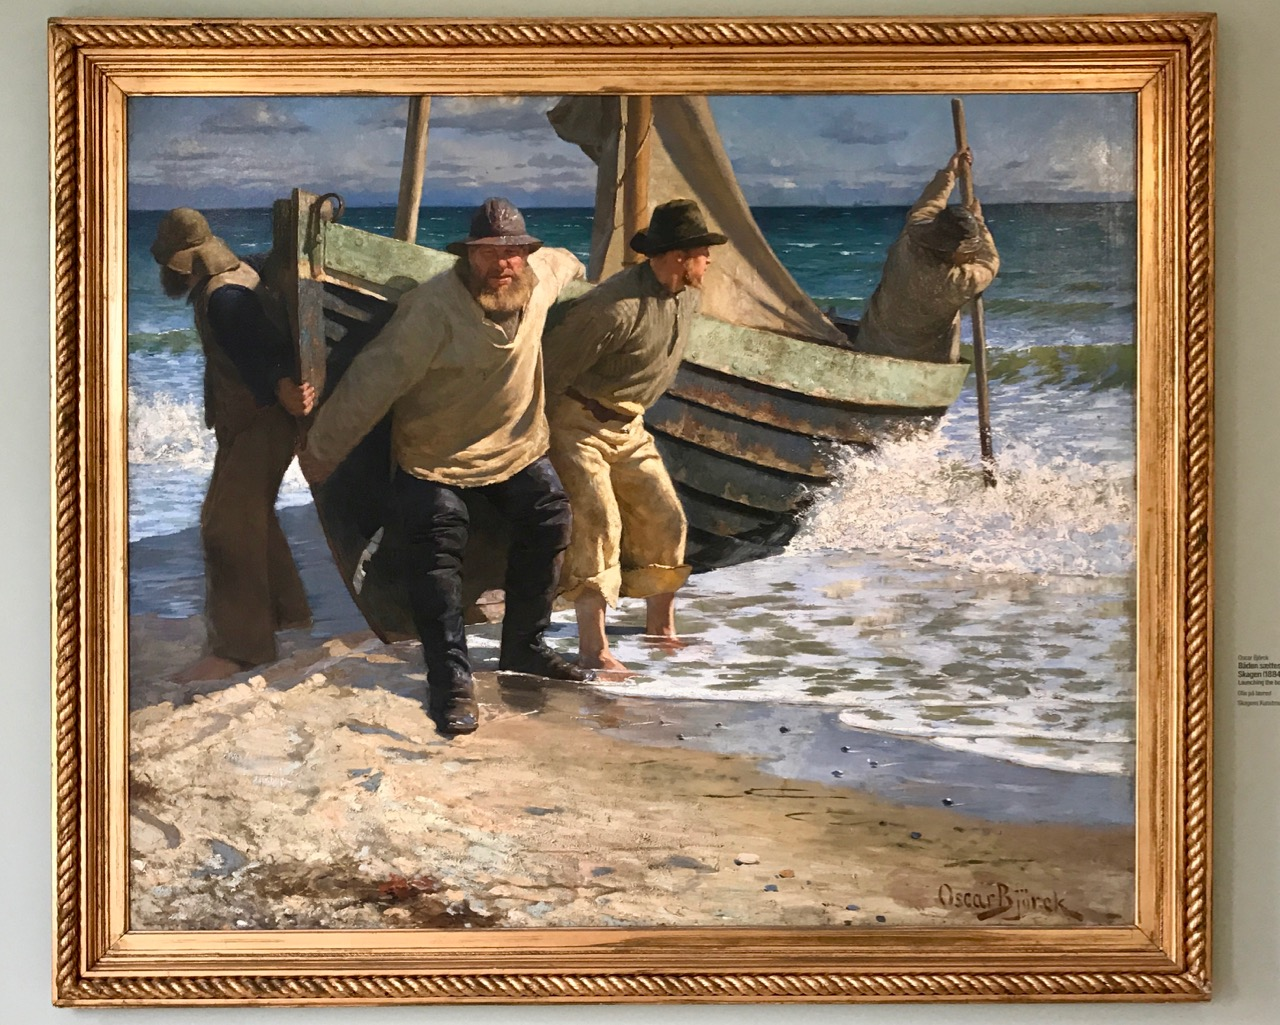 Launching the boat by Oscar Bjorck 1884 - Skagen Museum - Things To Do In Skagen.jpg